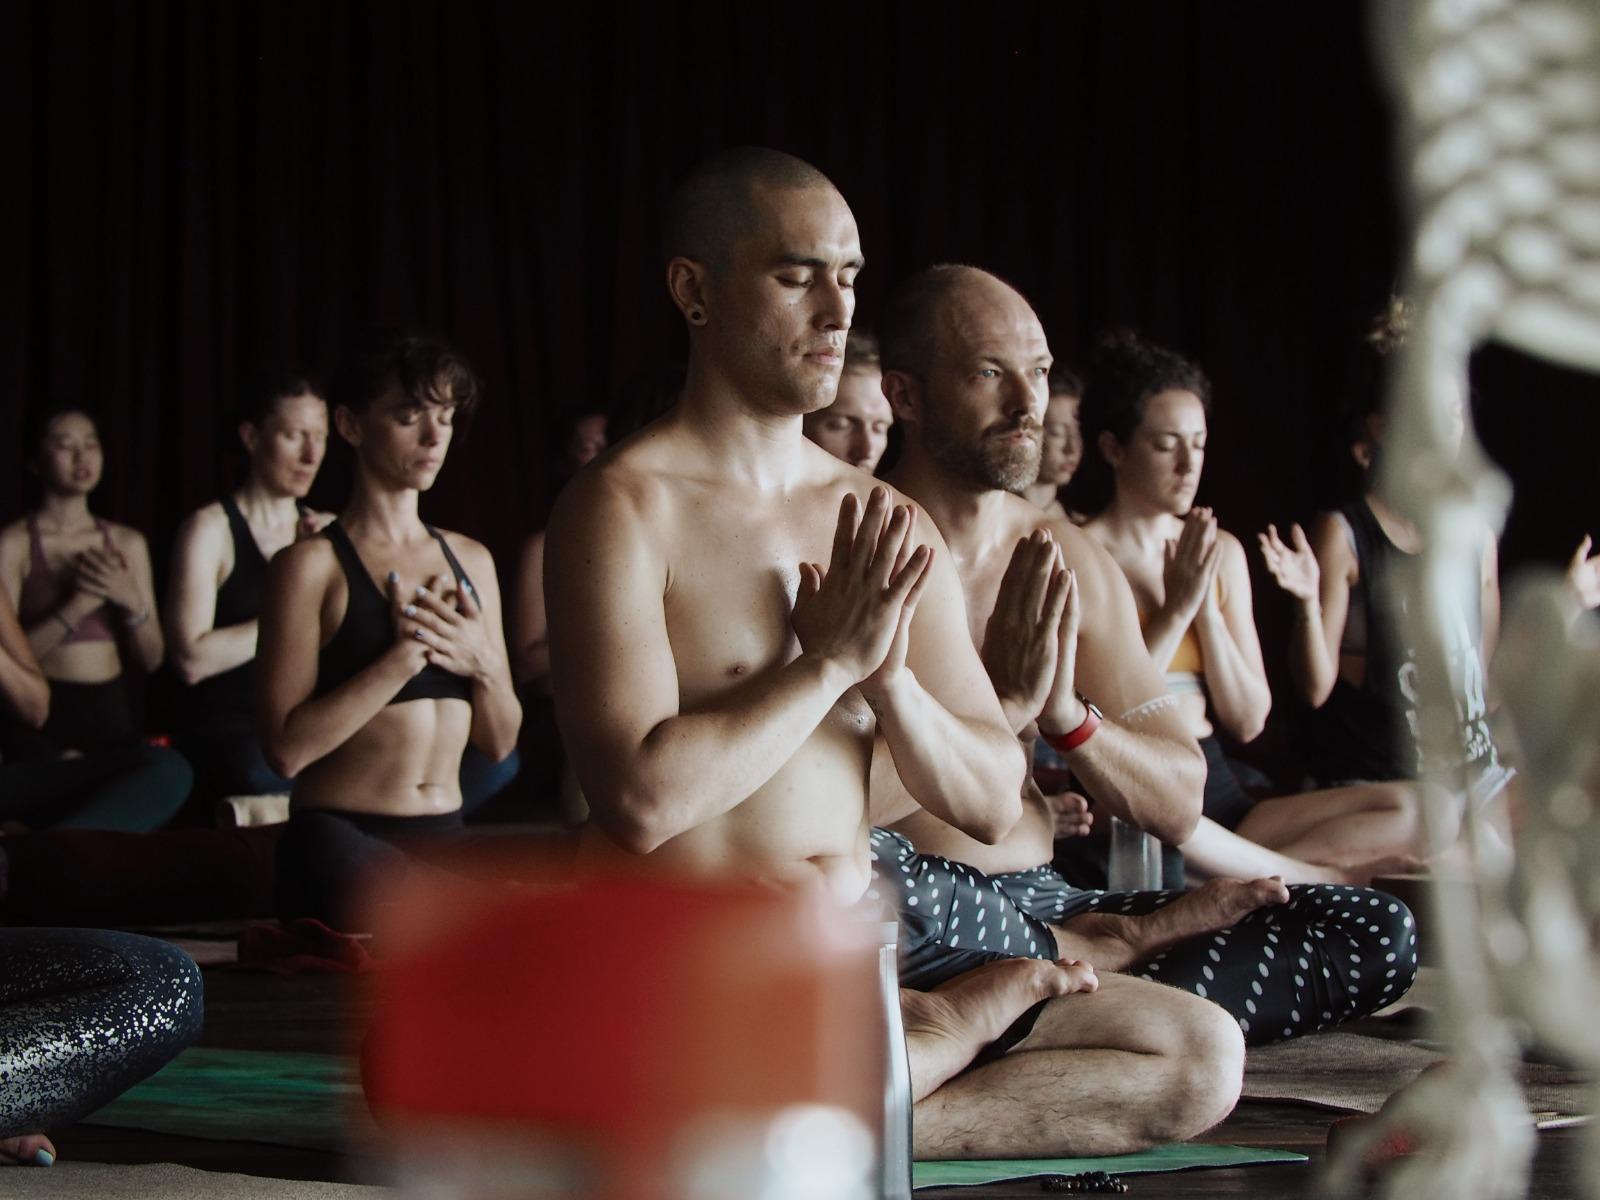 Recitation of Sacred Sound (Mantra Chanting)